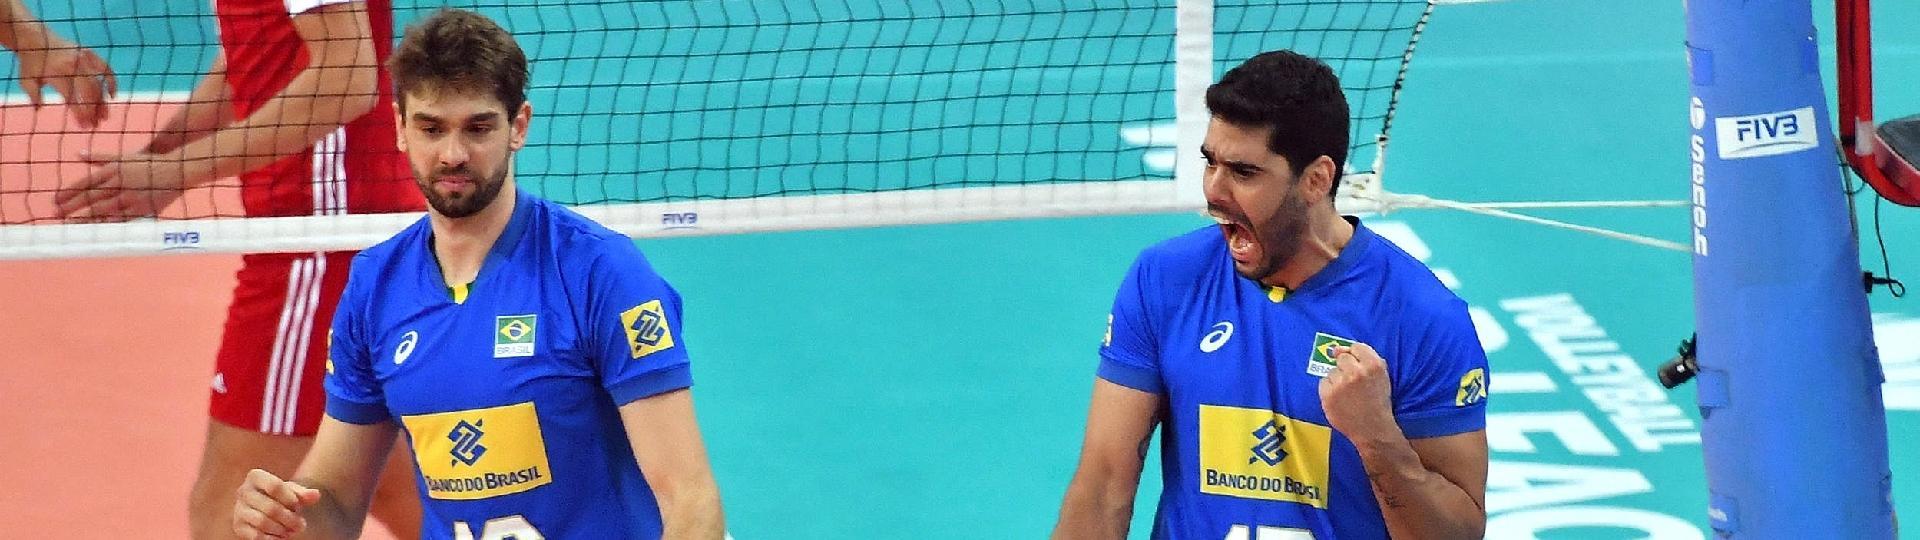 Evandro Guerra comemora ponto conquistado pelo Brasil contra a Polônia, na Liga Mundial de Vôlei